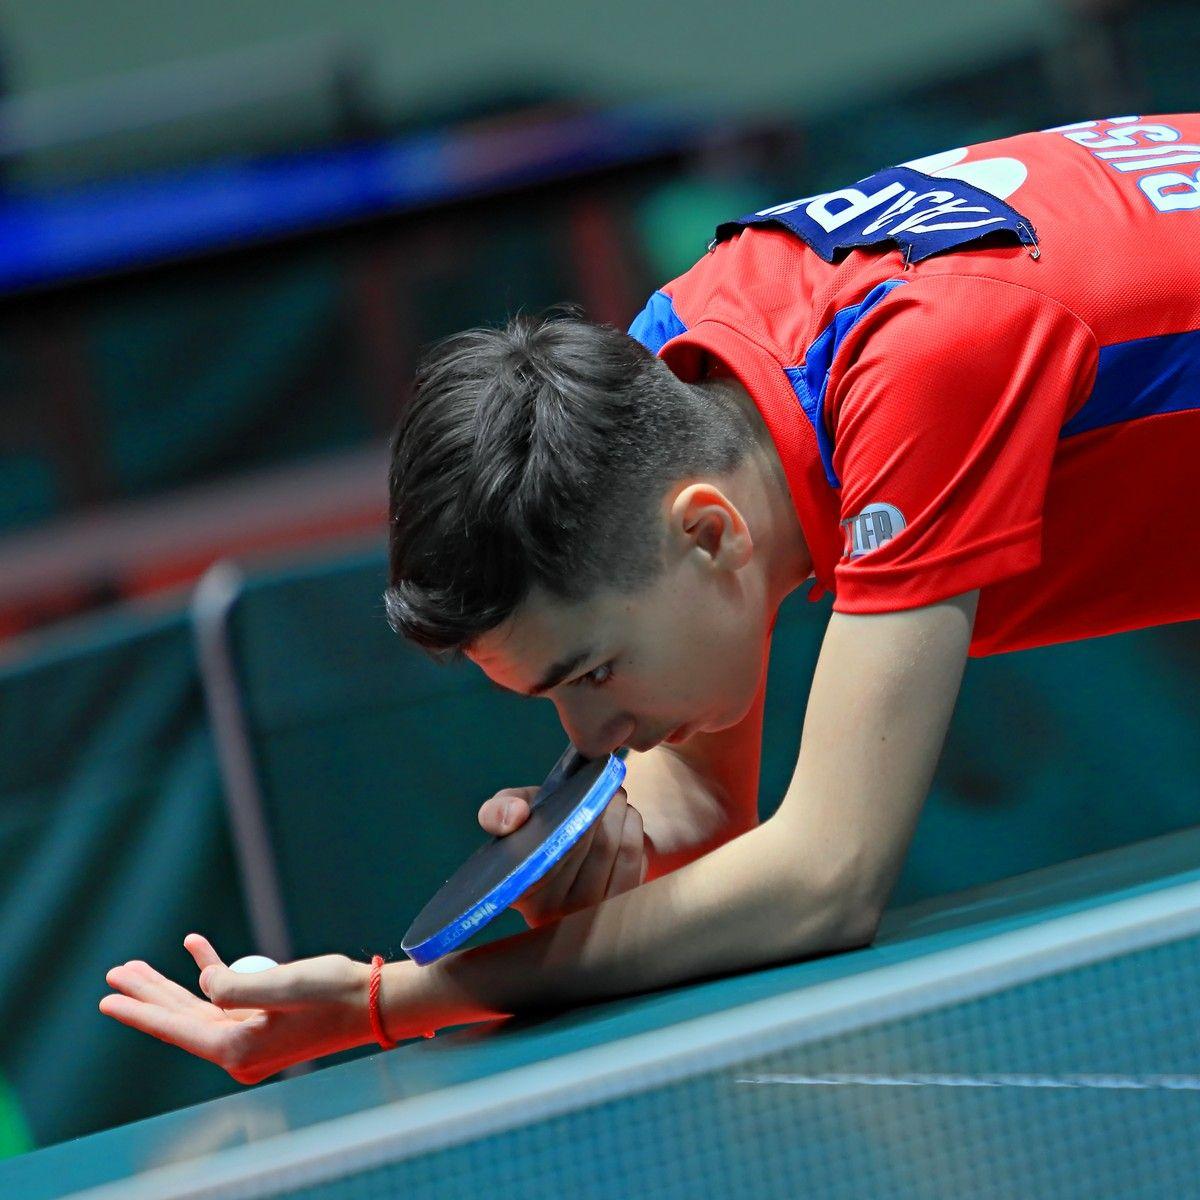 Сергей Газарян. настольный теннис пинг-понг спорт table tennis ping-pong sport